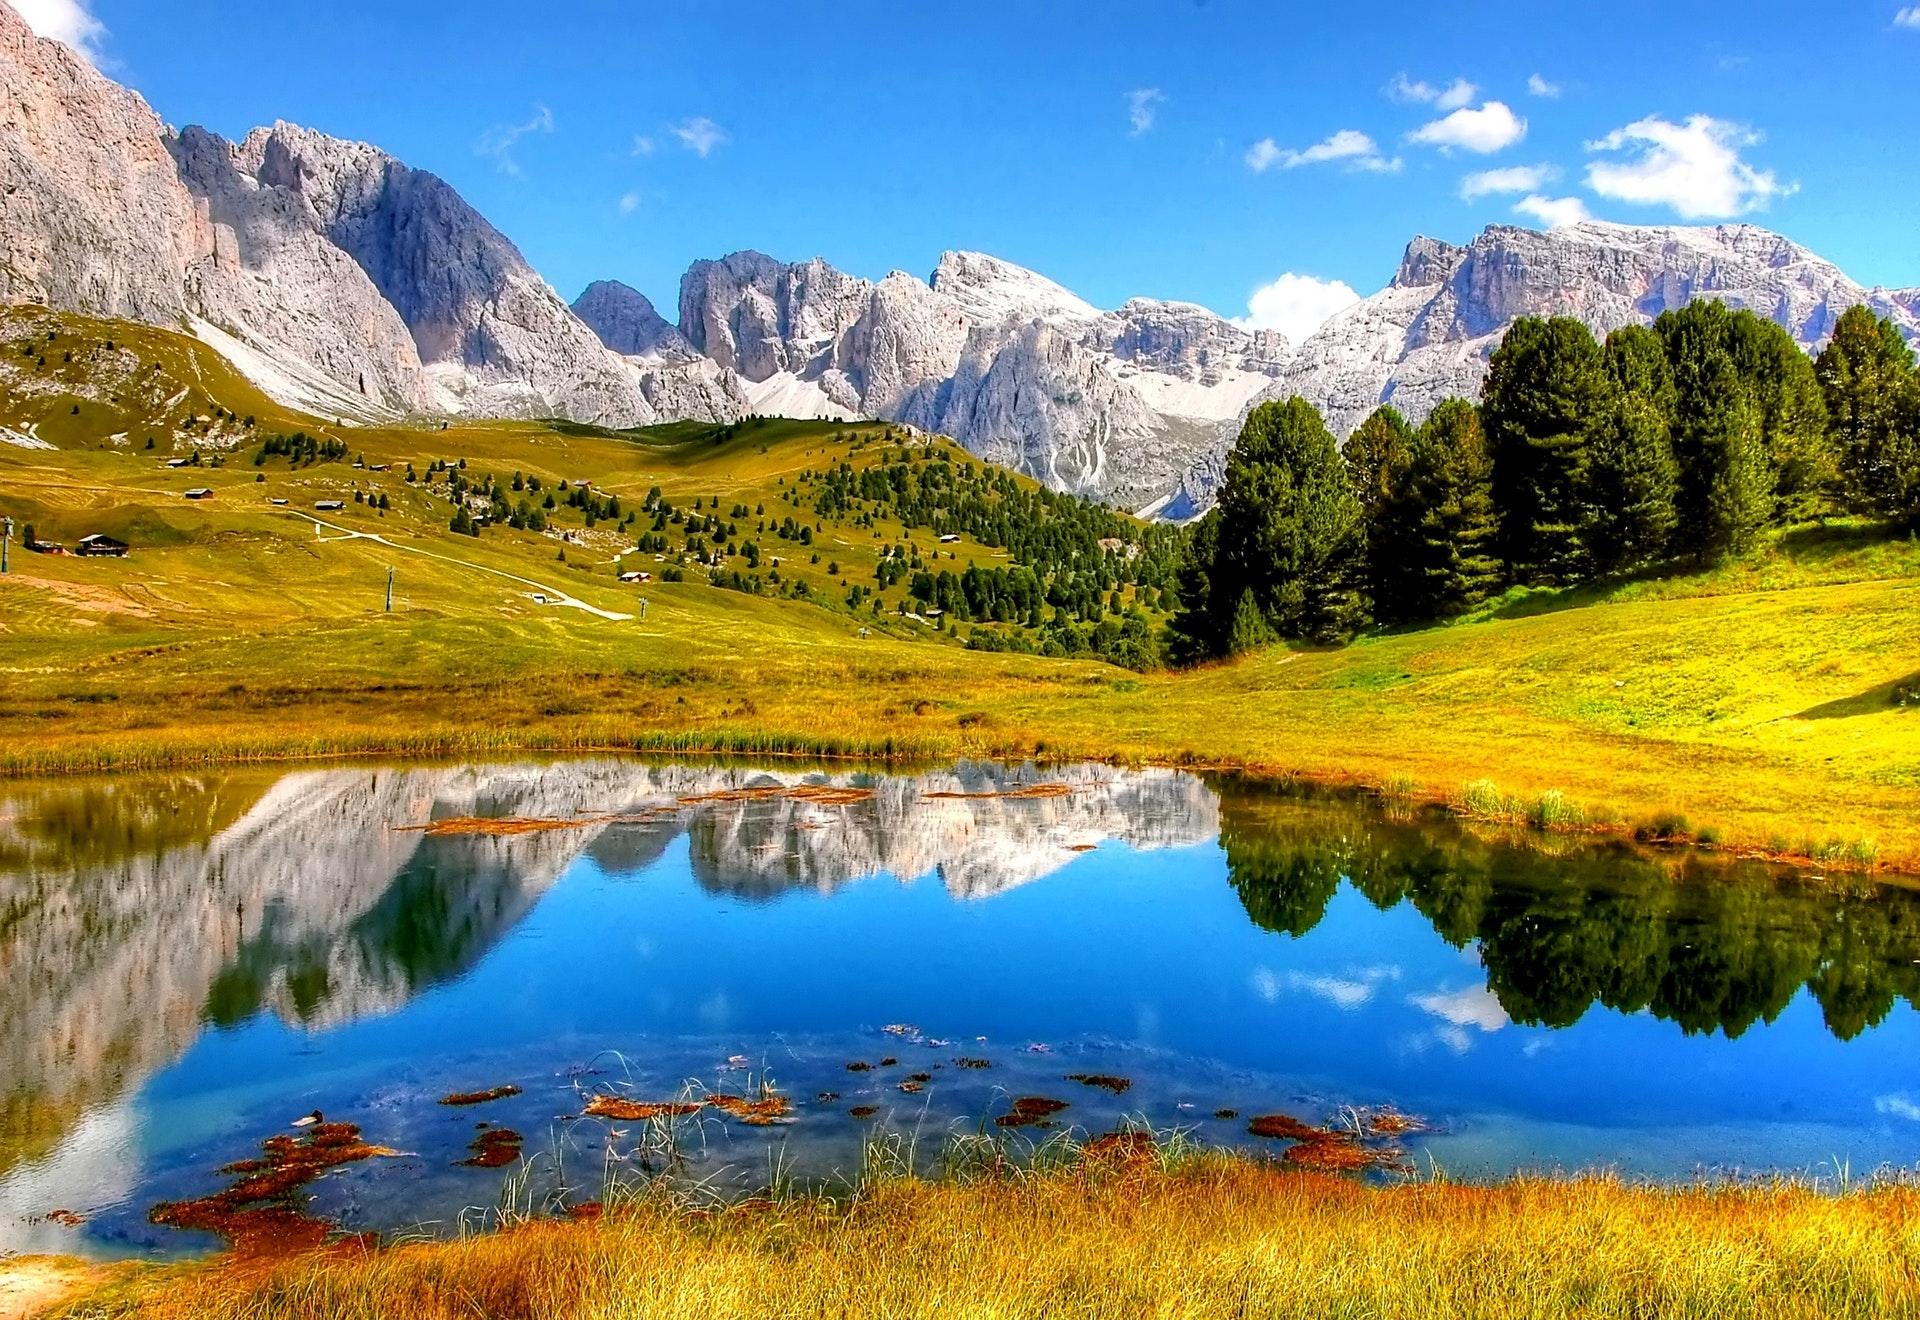 Hình nền phong cảnh đẹp